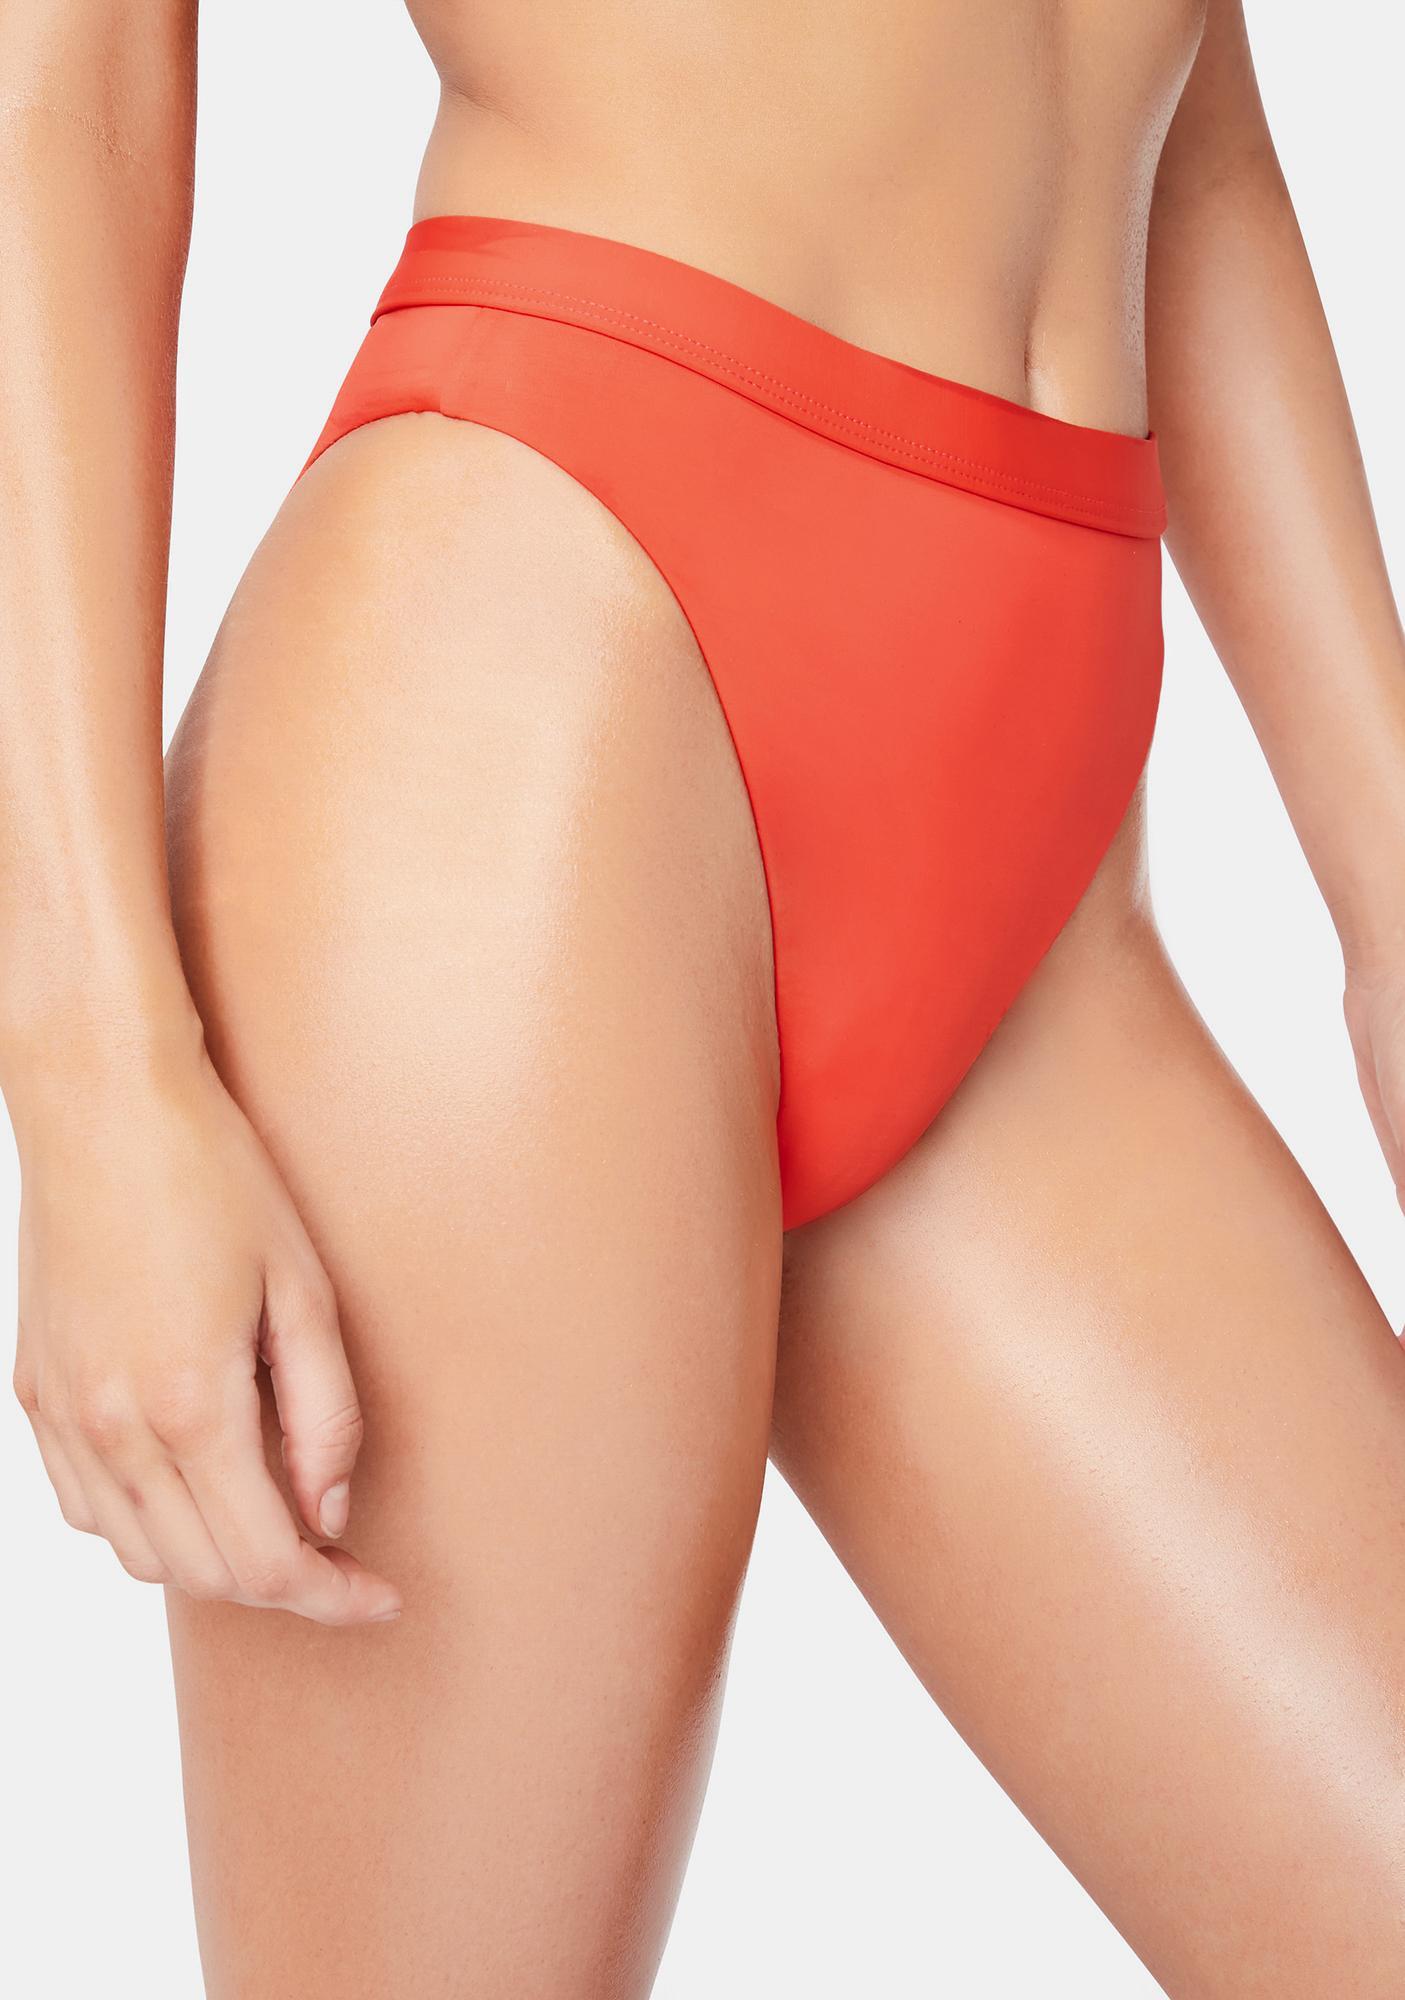 Dippin' Daisy's  Red Ultra Bikini Bottoms